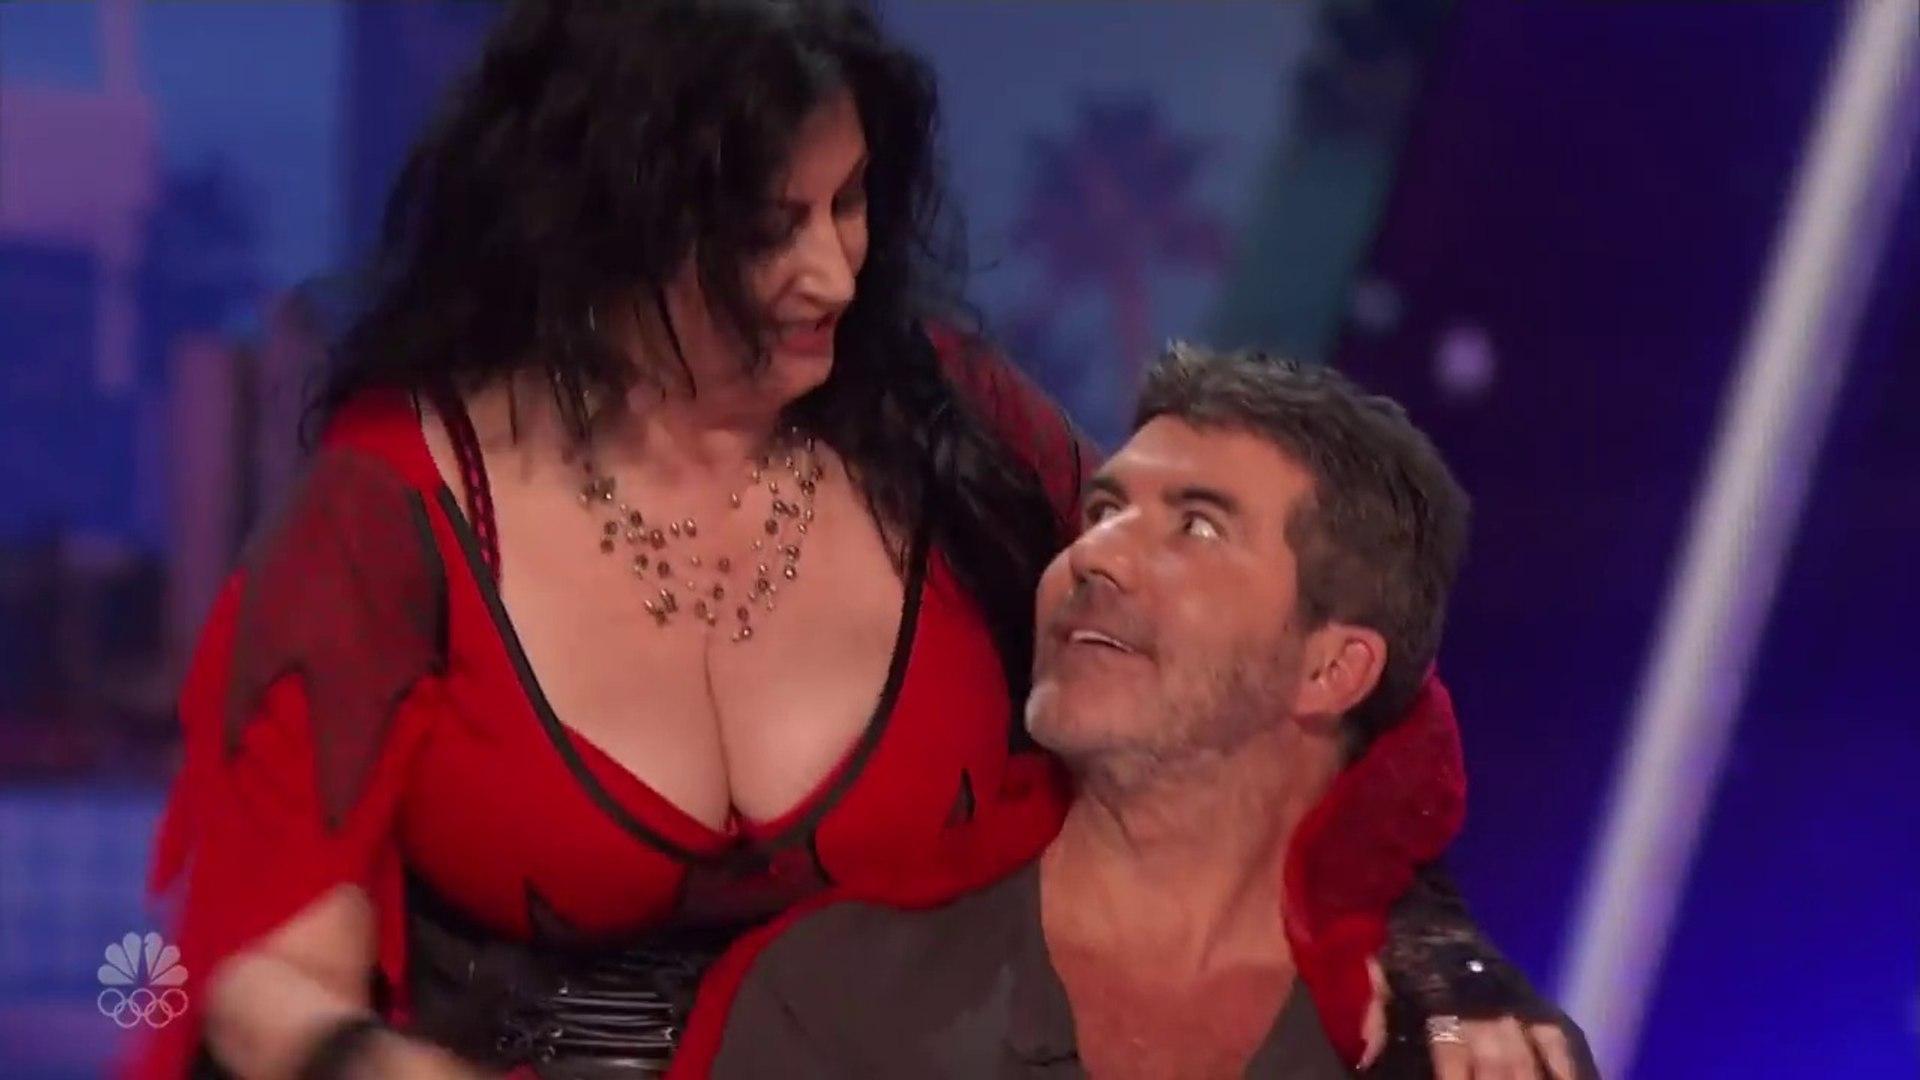 SHOCKING! Women Seduces And KISSES Simon!!! Got Talent 2018